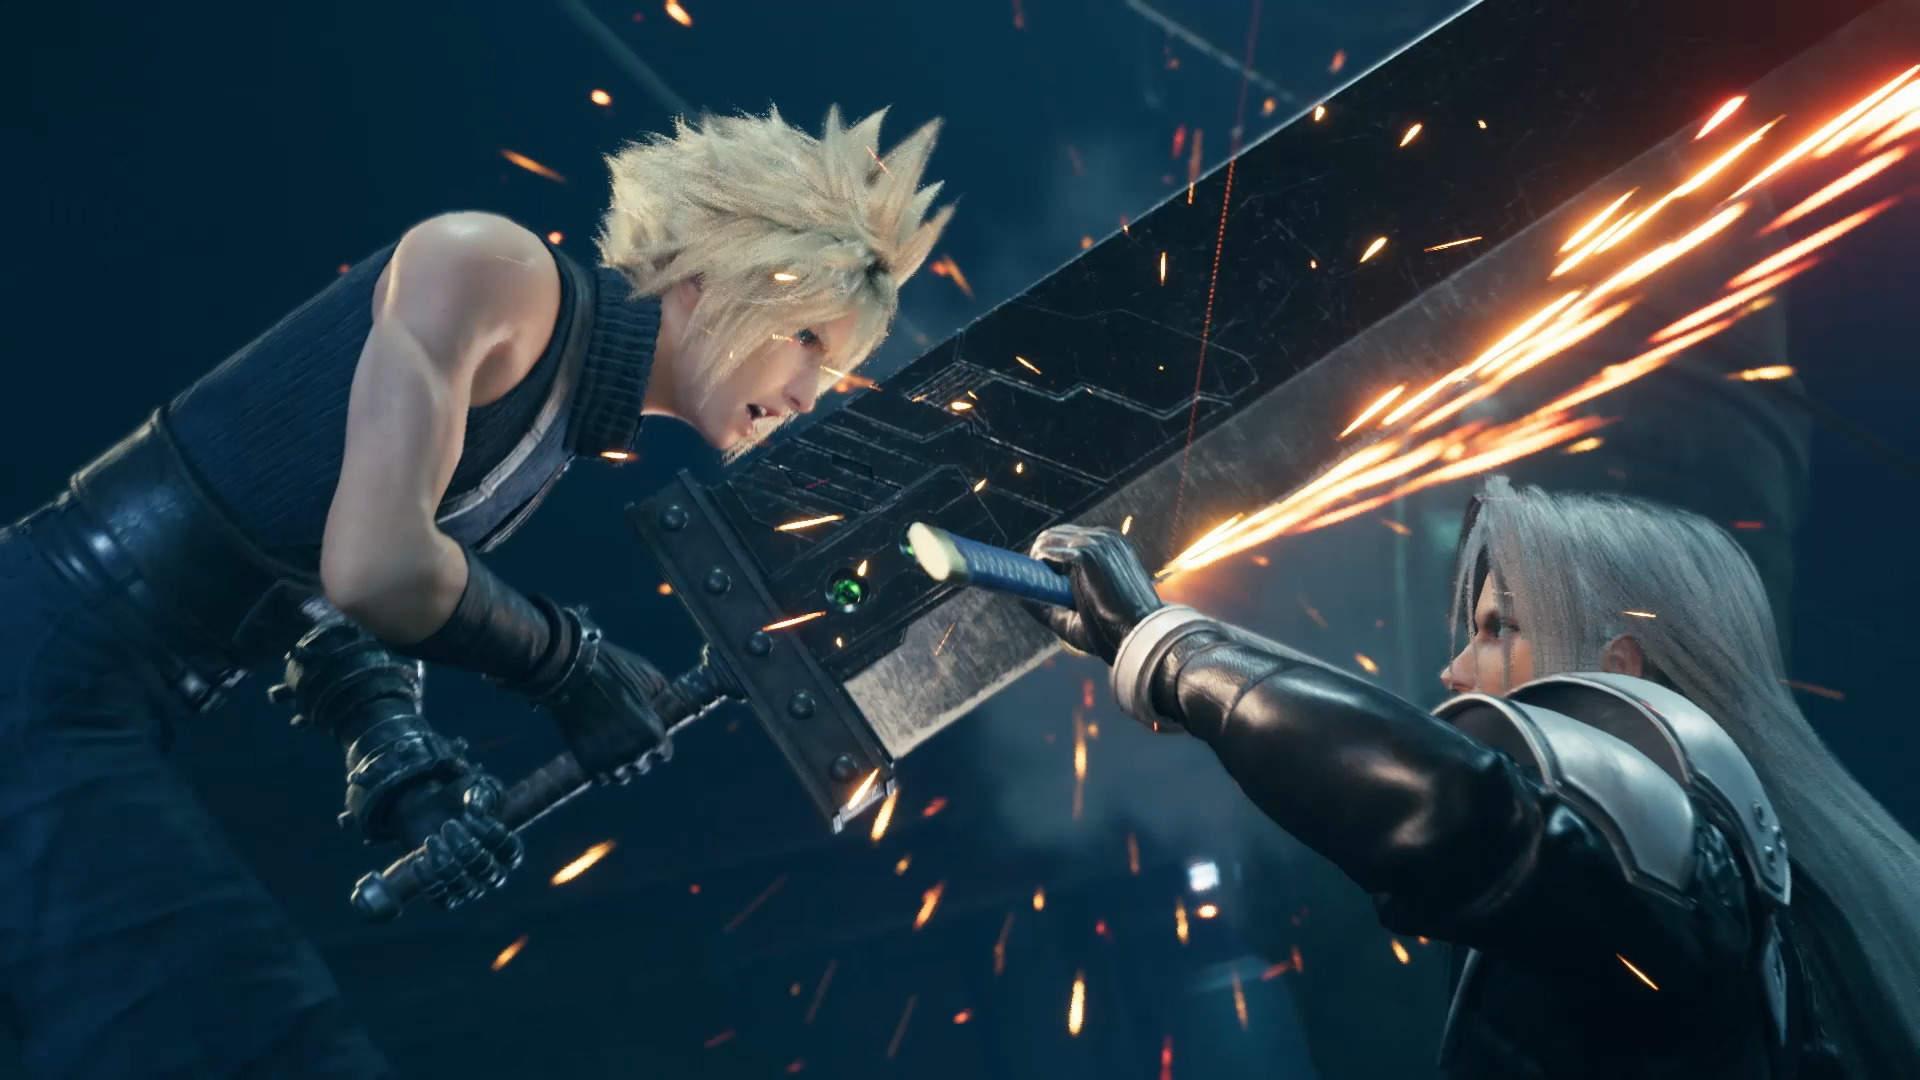 《最终幻想7:重制版》第二章目标颠覆玩家期望